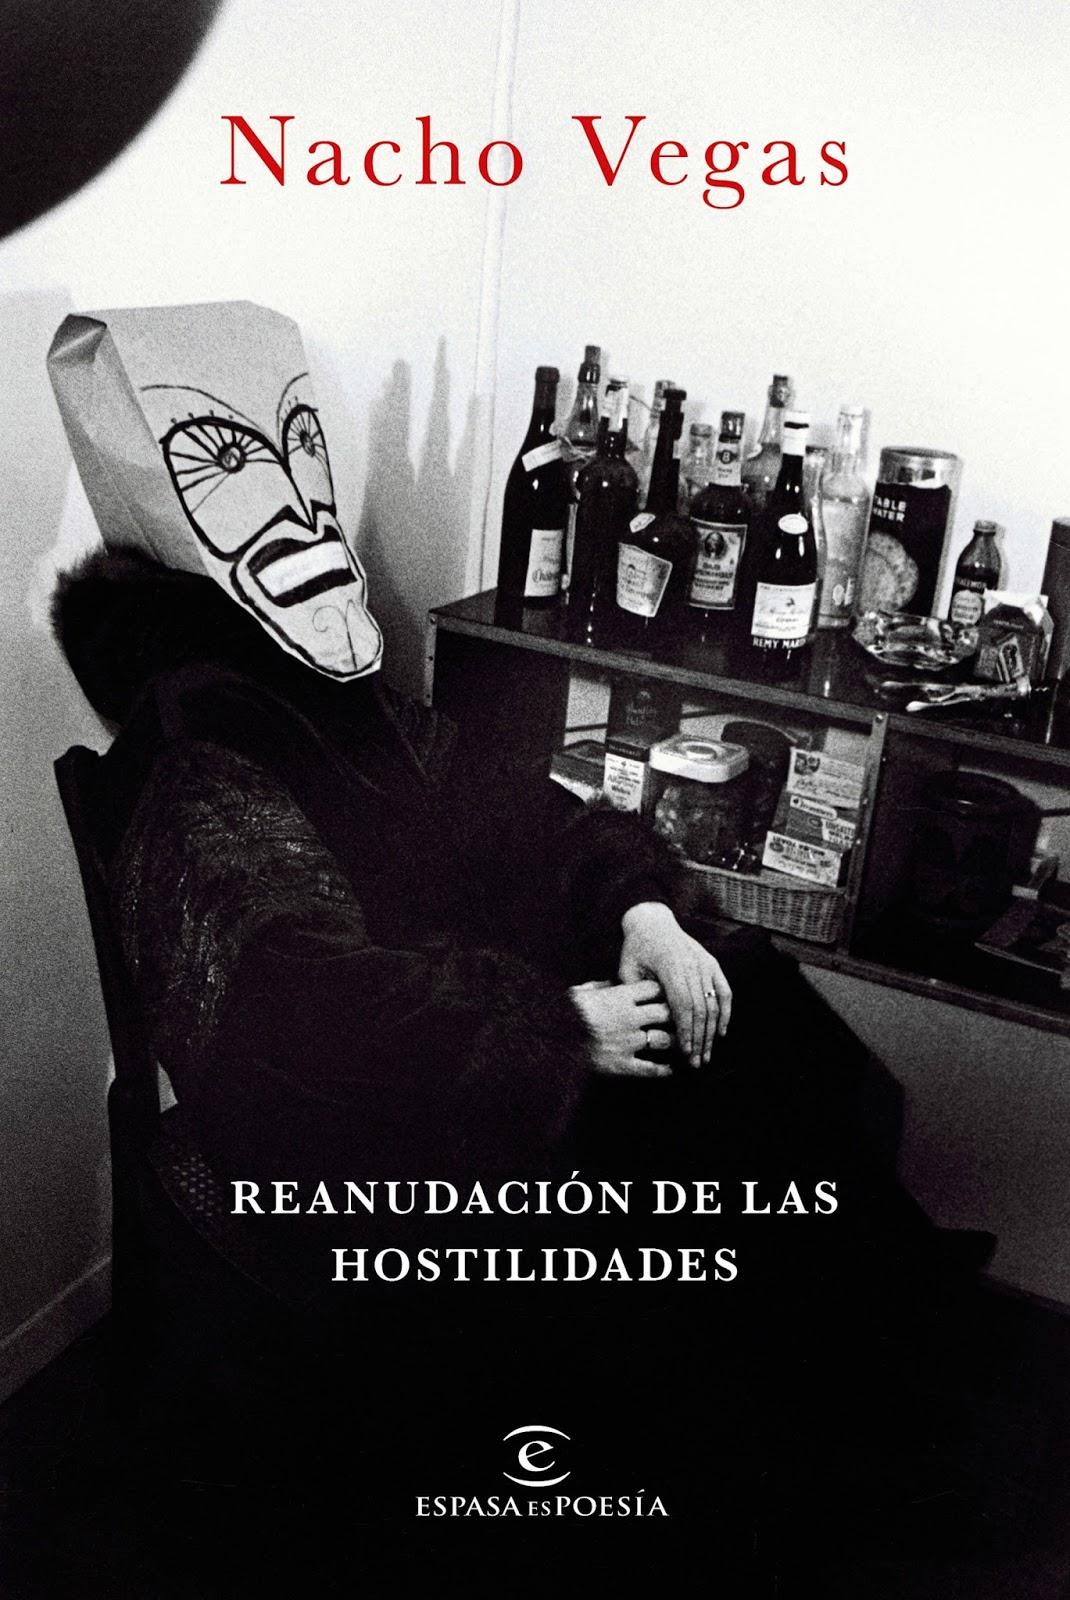 Reanudación de las hostilidades, Nacho Vegas (Espasa) | Ni un Día ...